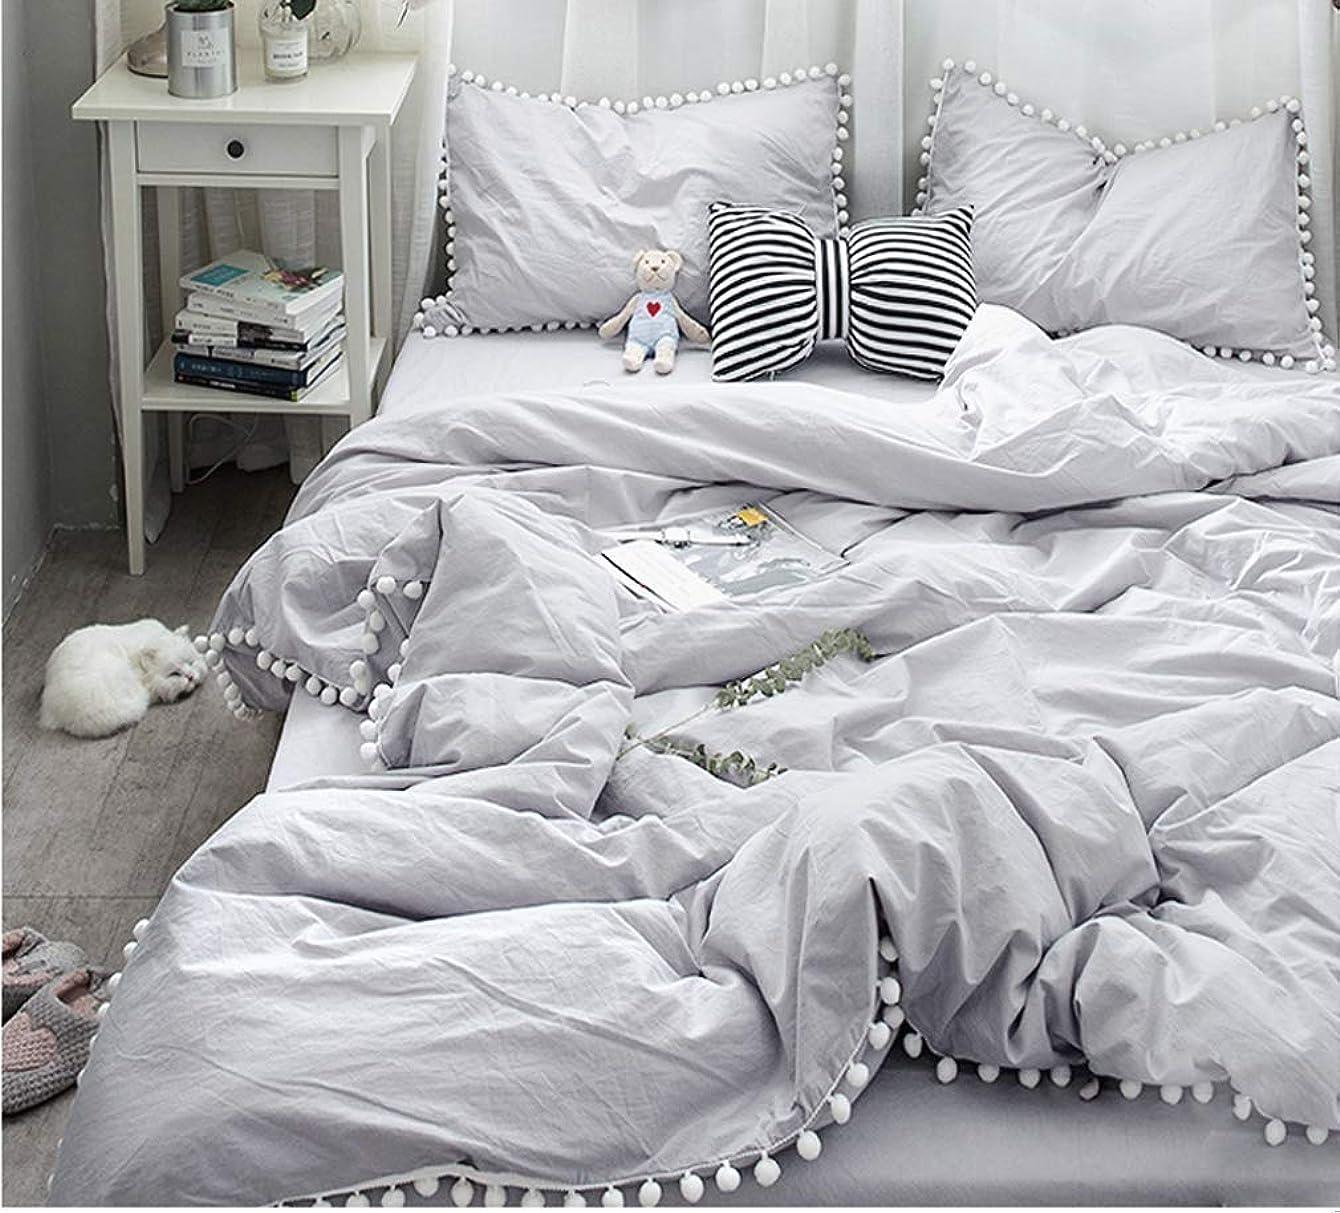 代理店無駄ななにライトグレー寝具カバー/可愛いホワイトポンポン掛け布団カバー シングルと枕カバー2枚